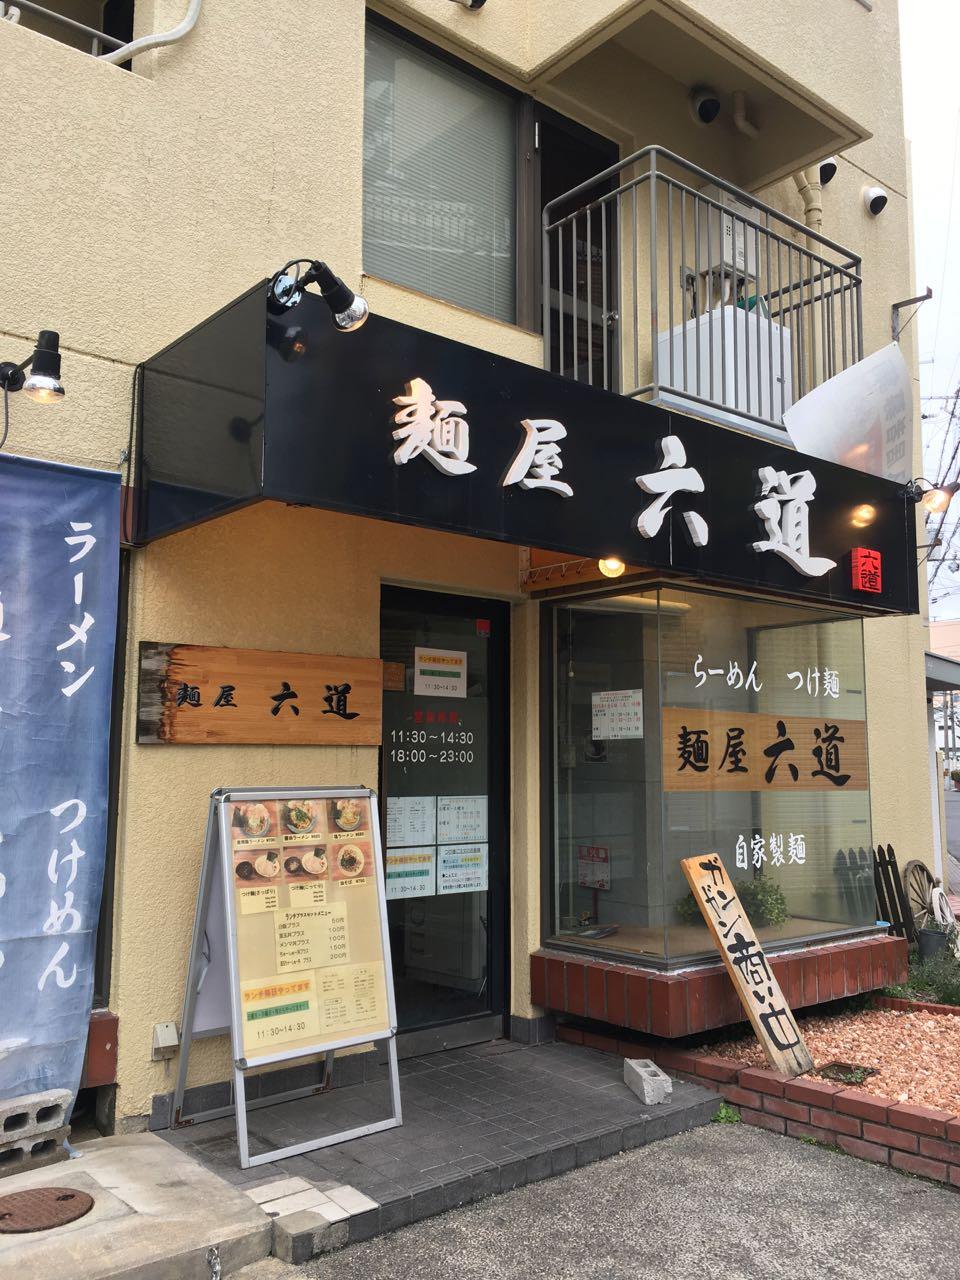 【閉店】豊中駅前の麺屋六道(ろくどう)で豊潤ラーメンとつけ麺!